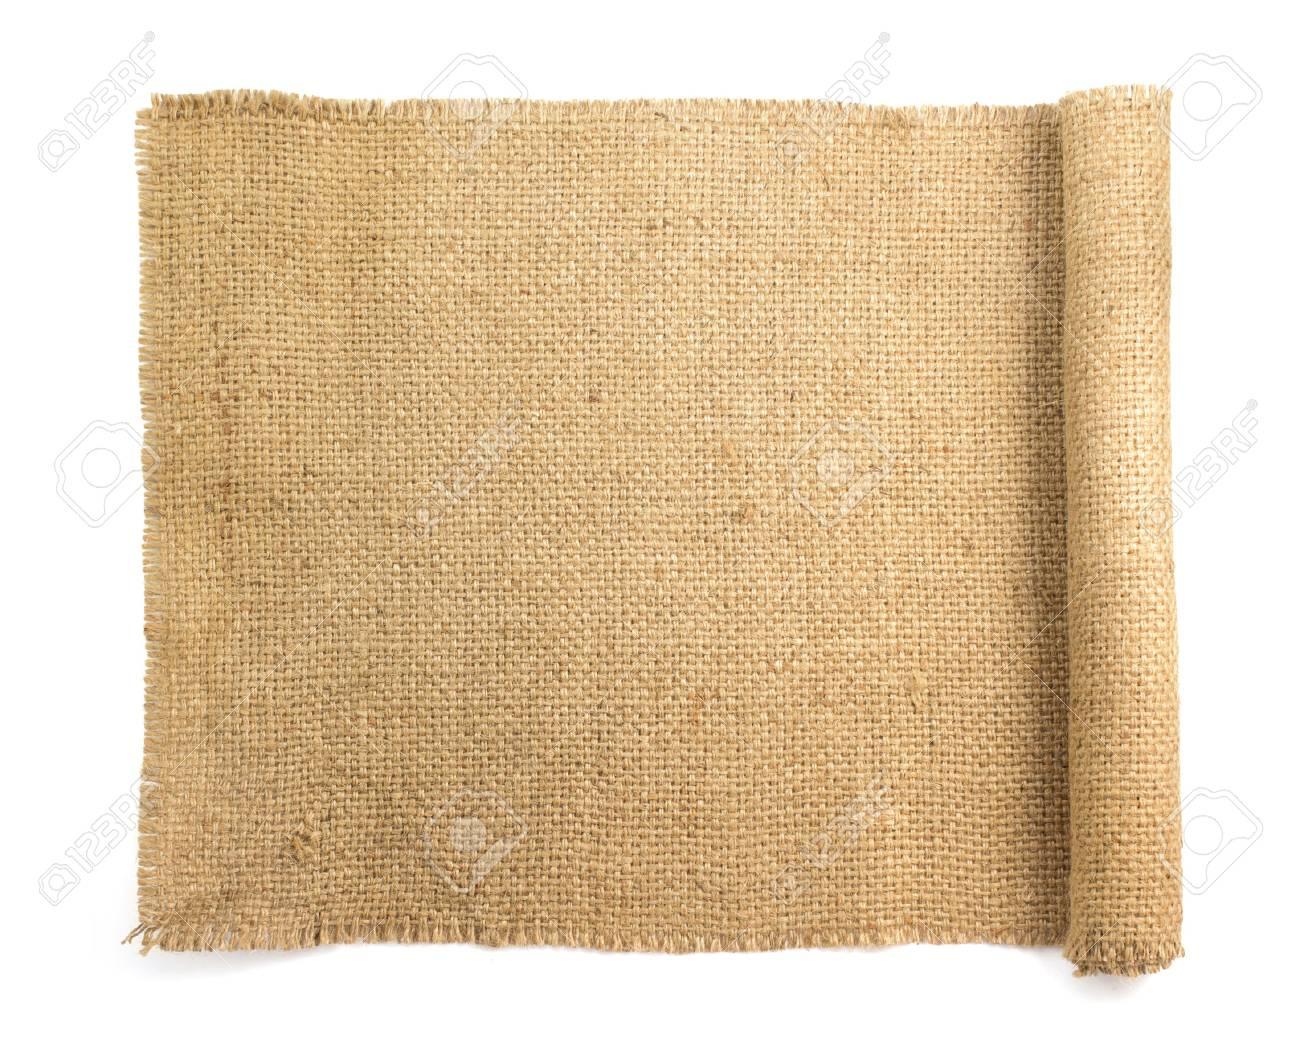 burlap hessian sacking isolated on white background - 52339064